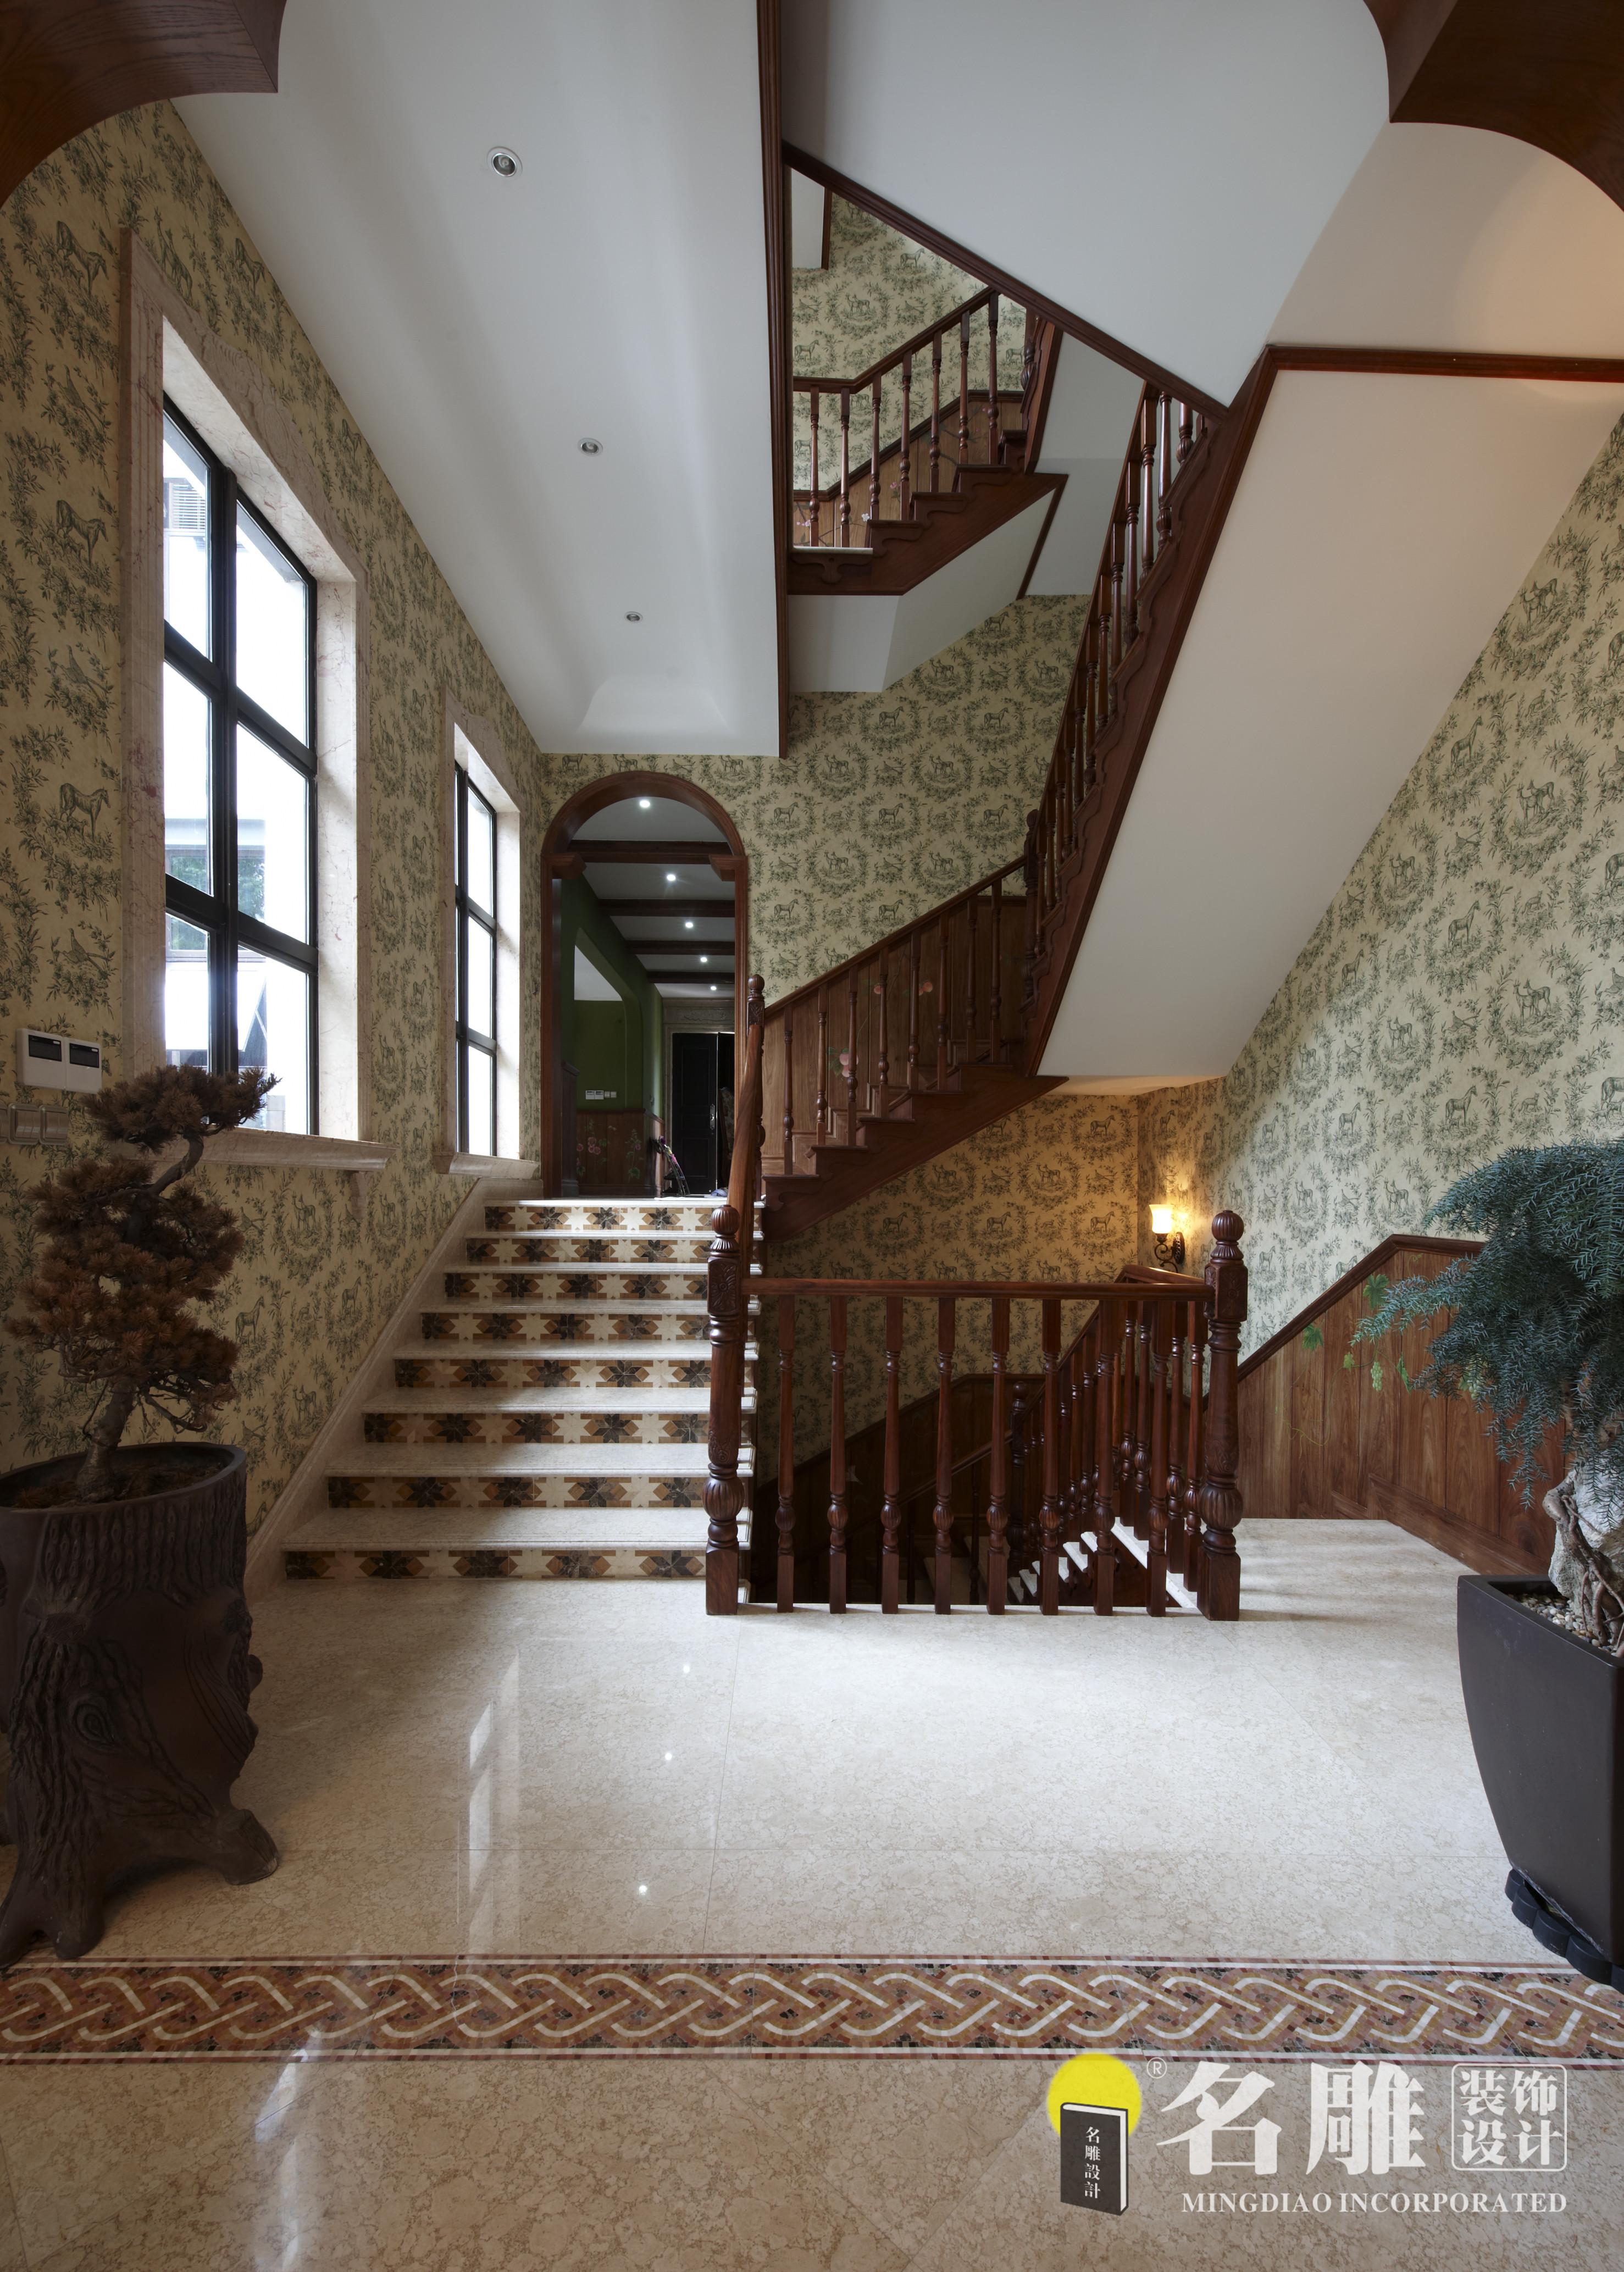 美式田园风 别墅 雅致 名雕装饰 别墅装修 楼梯图片来自杜鸿业----名雕丹迪设计总监在美式田园风—650平雅致别墅装修的分享